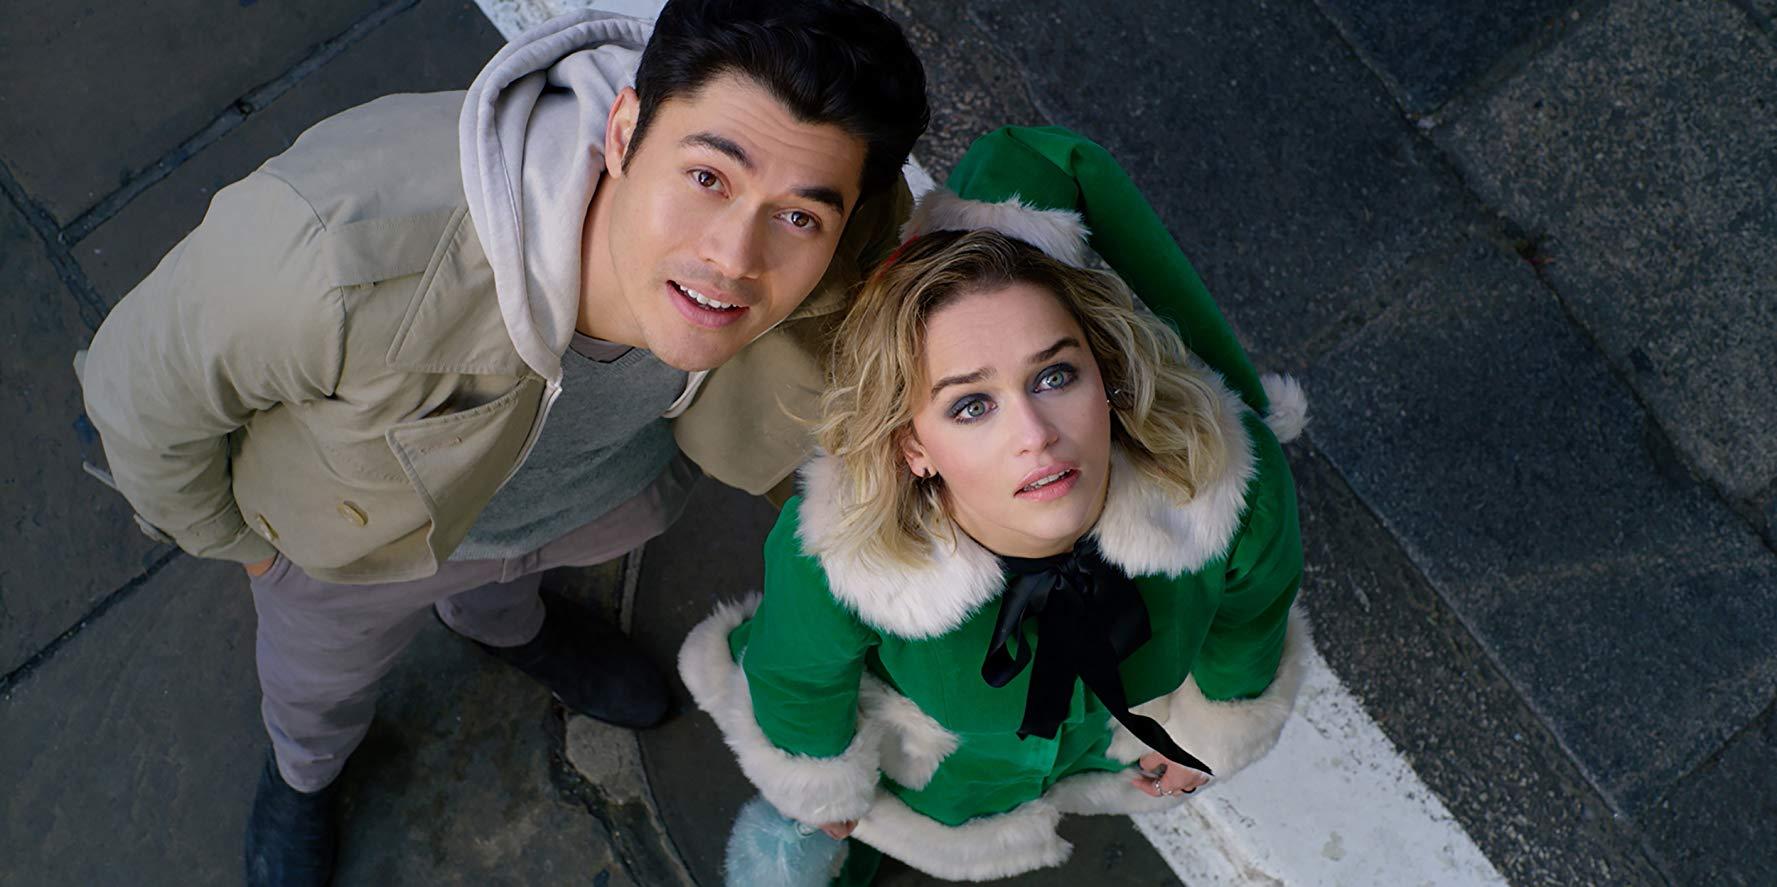 إعلان فيلم Last Christmas.. إيميليا كلارك تبحث عن الحب